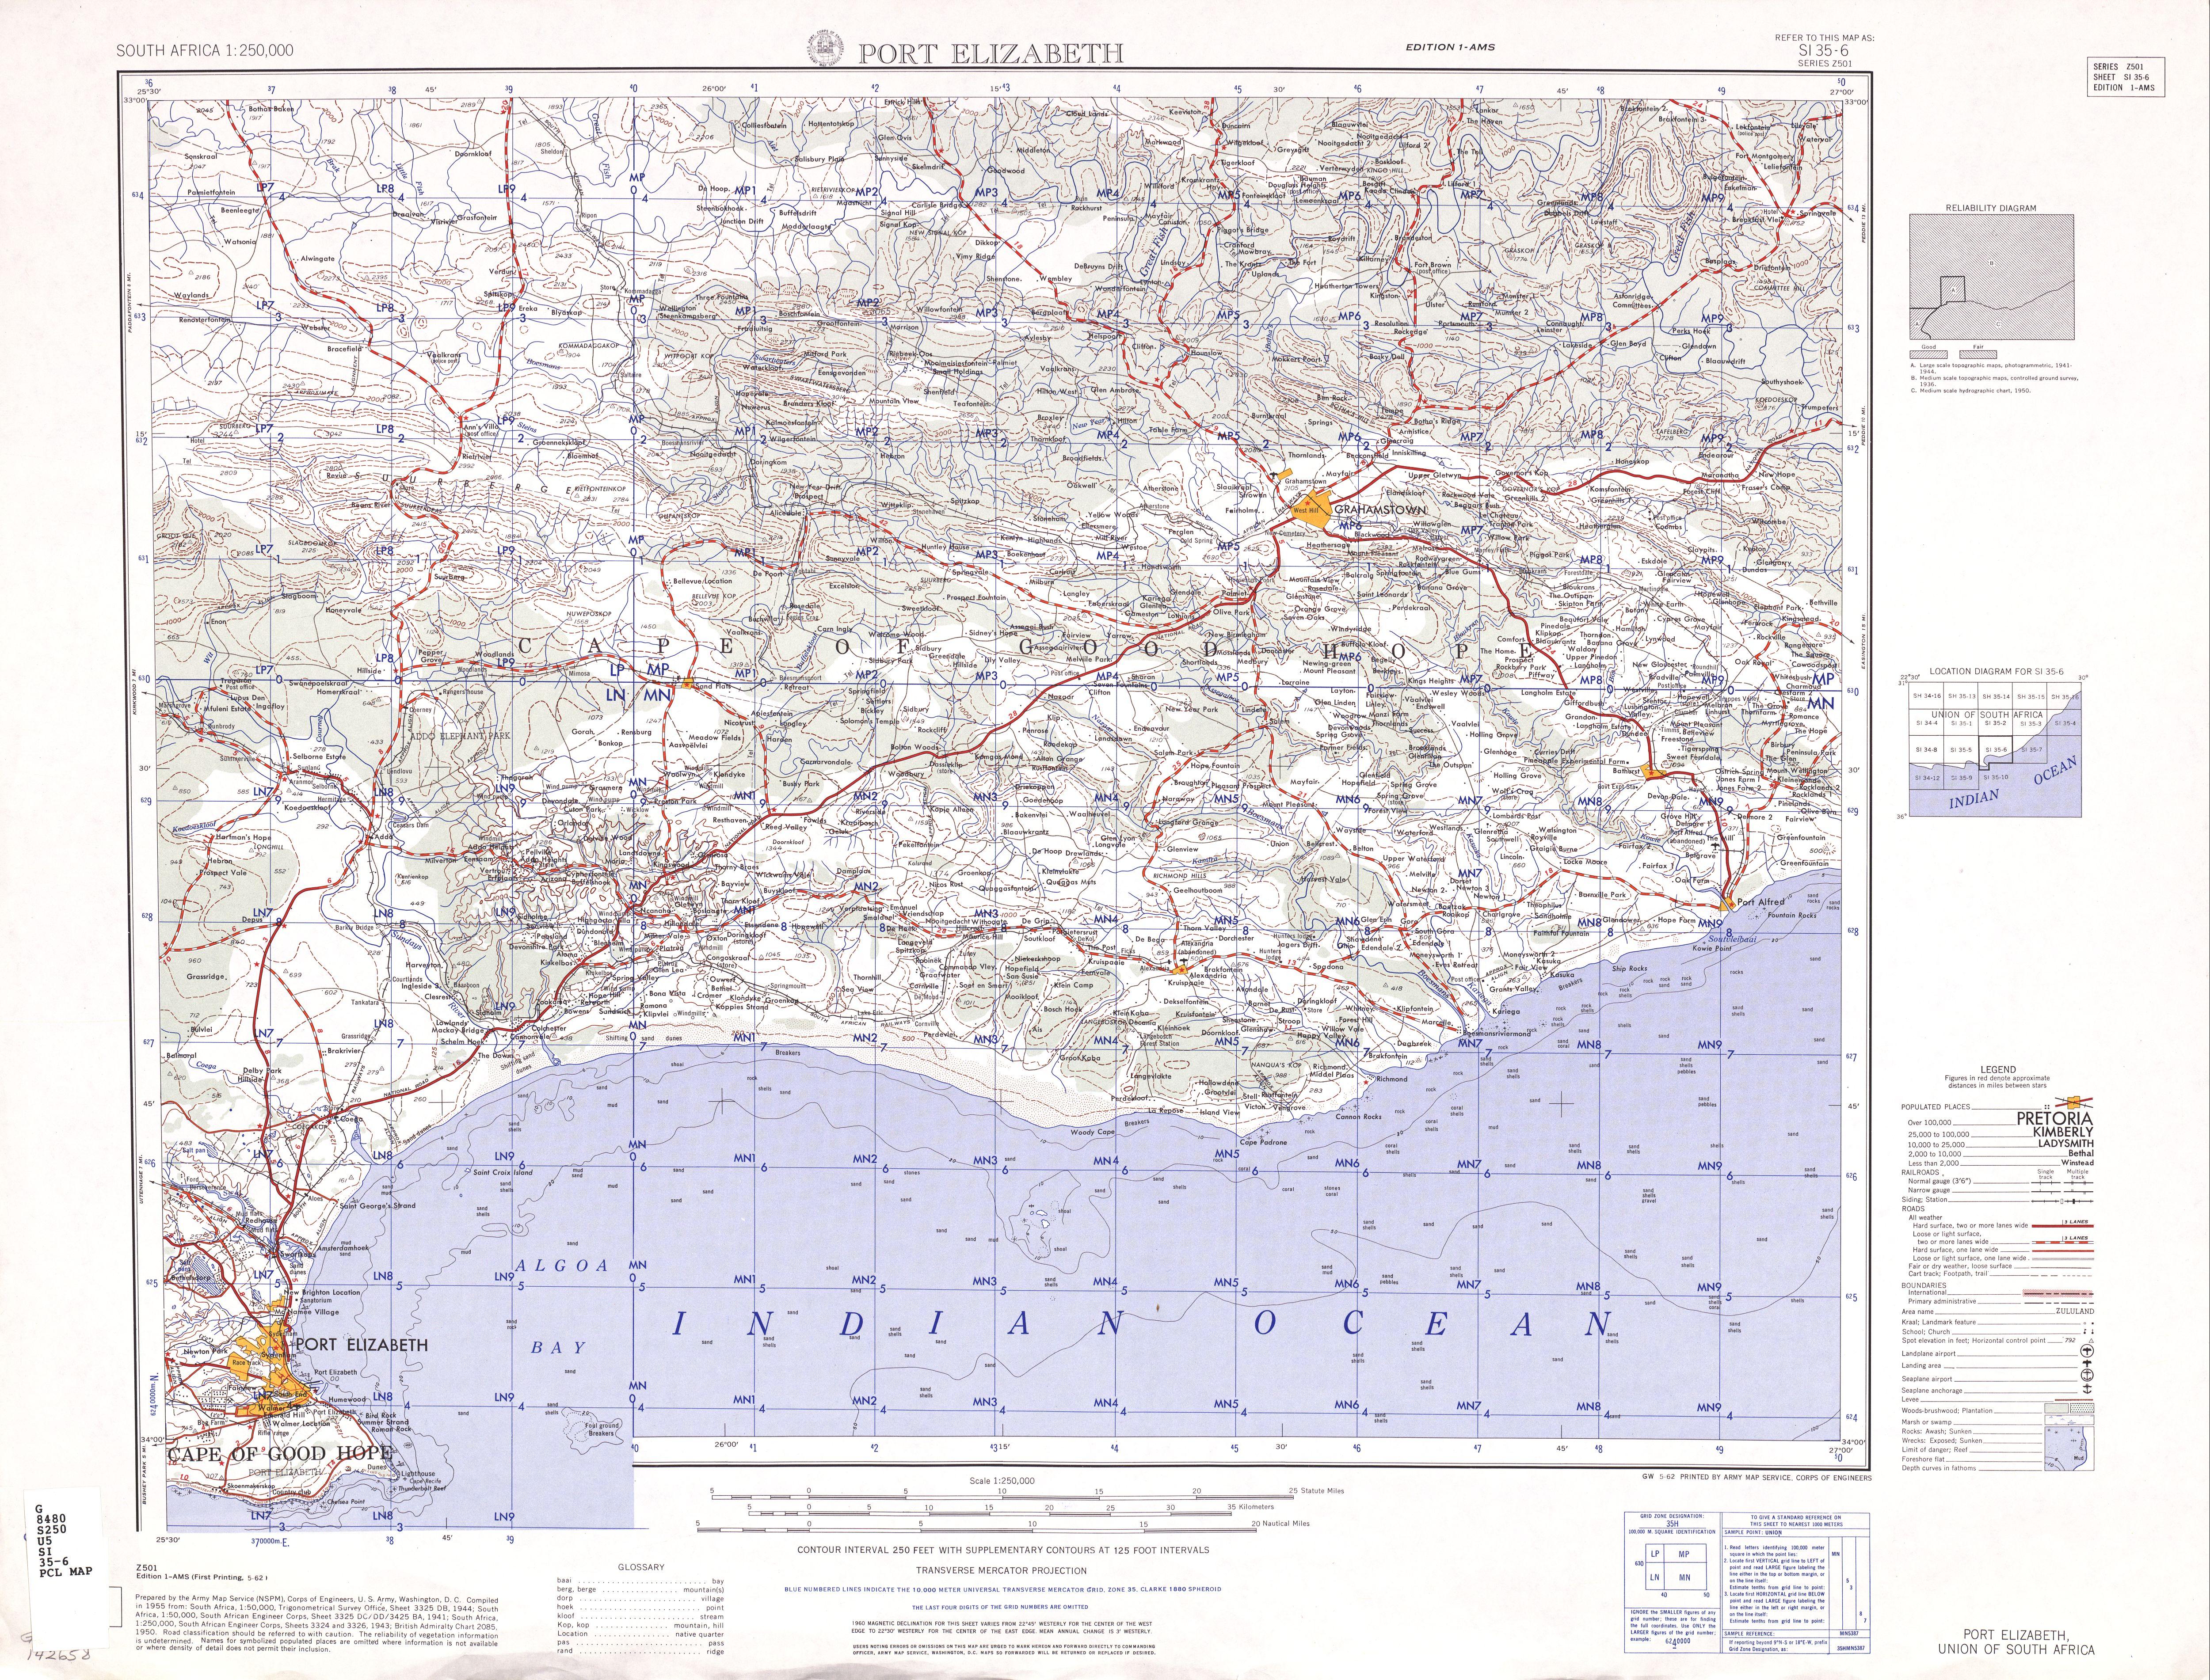 Hoja Port Elizabeth del Mapa Topográfico de África Meridional 1954